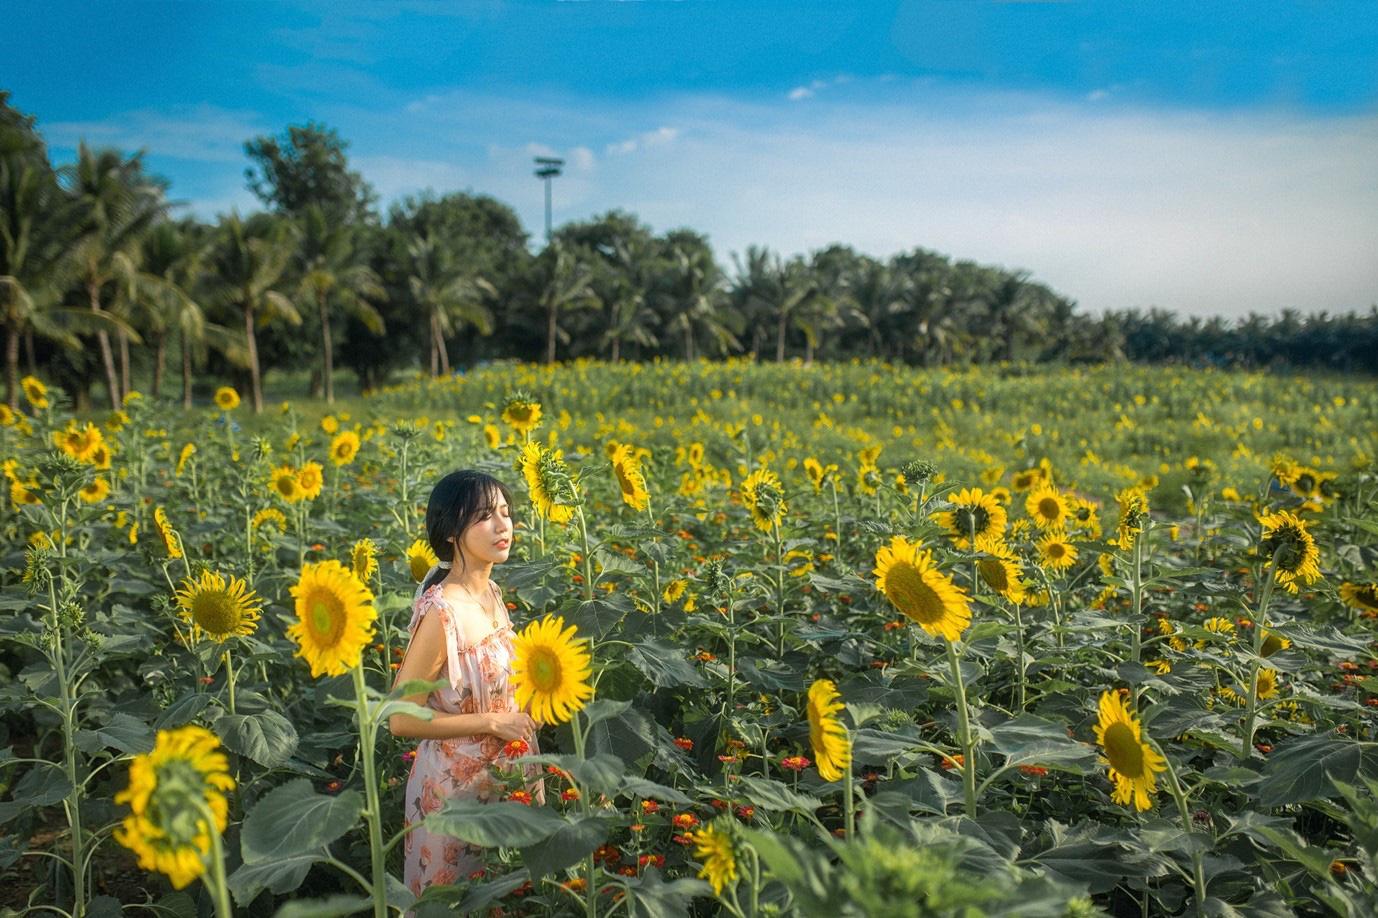 Đồi hoa mặt trời Ecopark khoe sắc đón thu sang - Ảnh 1.